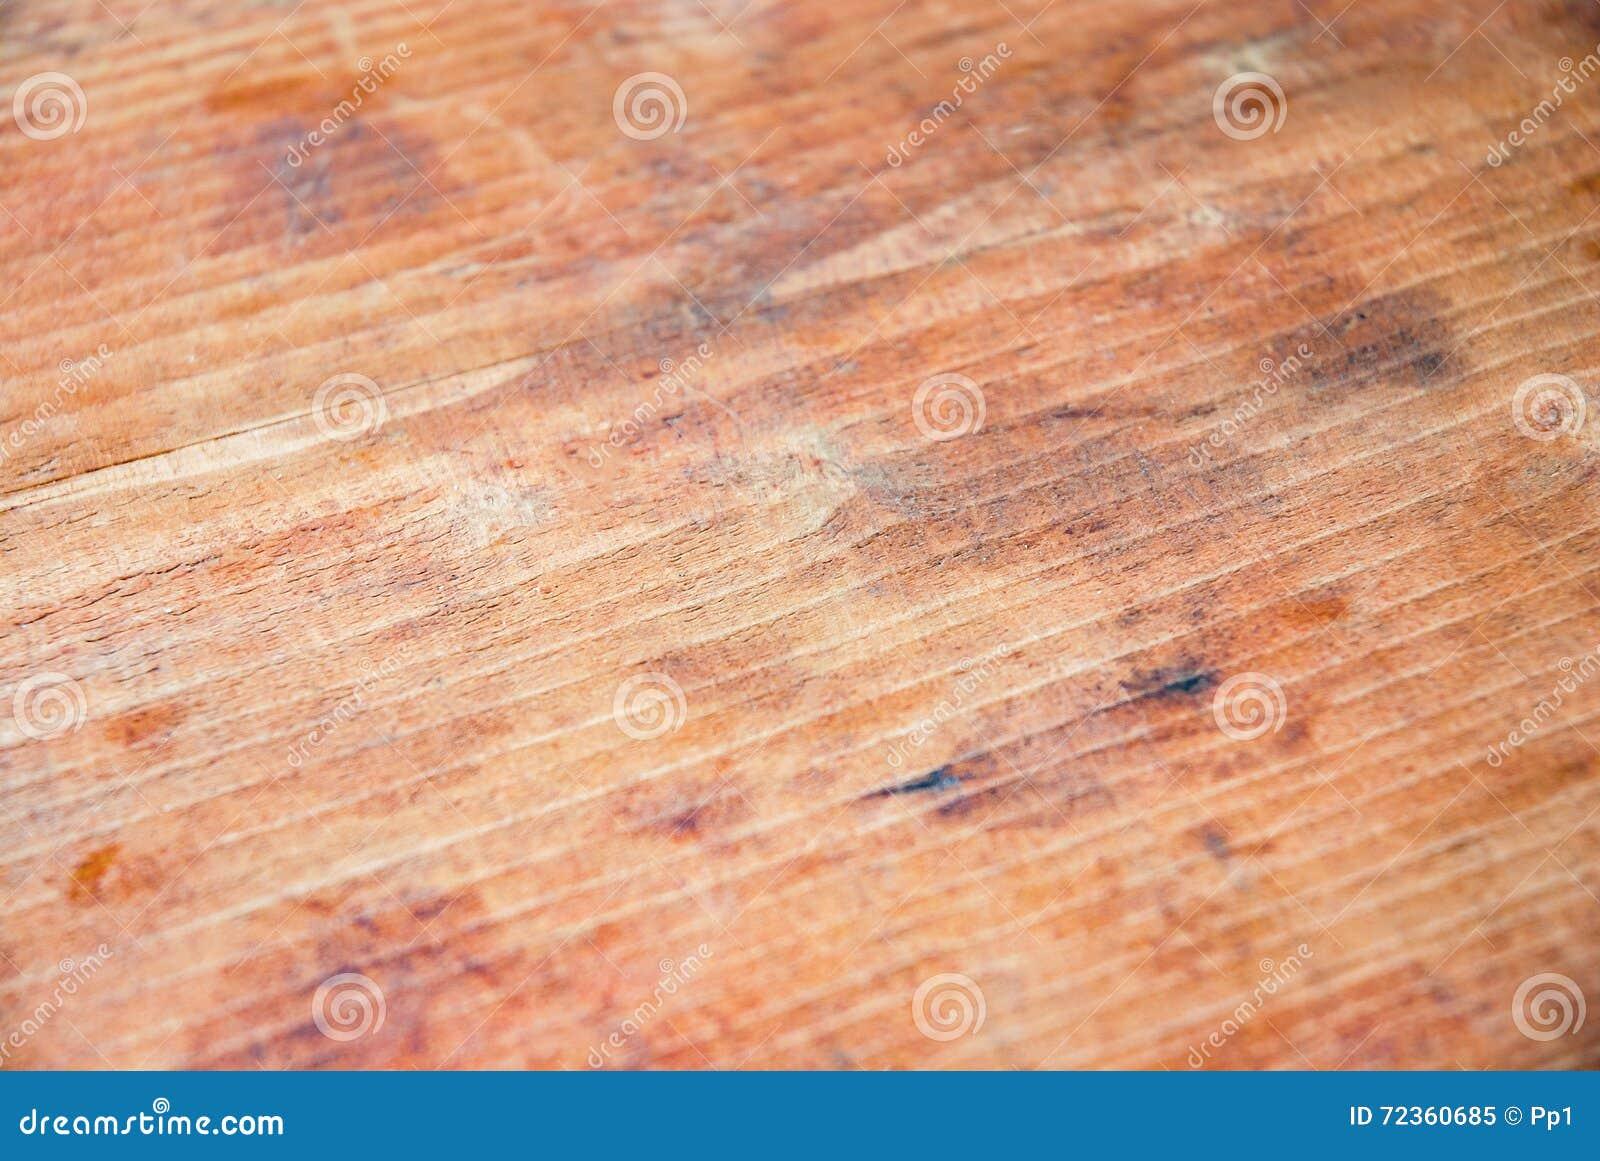 木节生节红木杉木褐色委员会